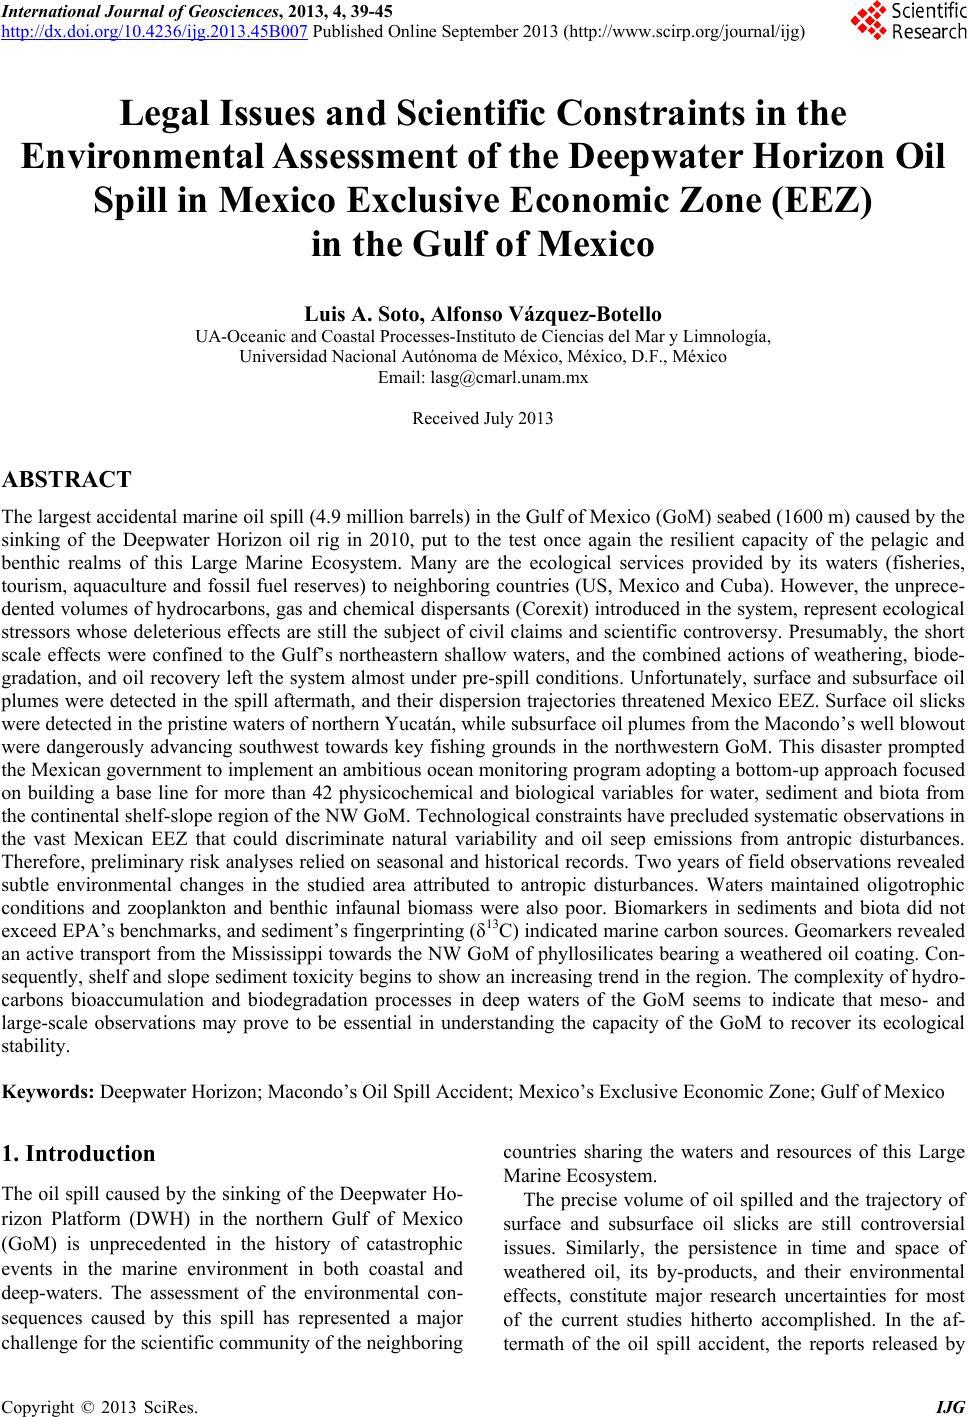 deepwater horizon oil spill scholarly articles